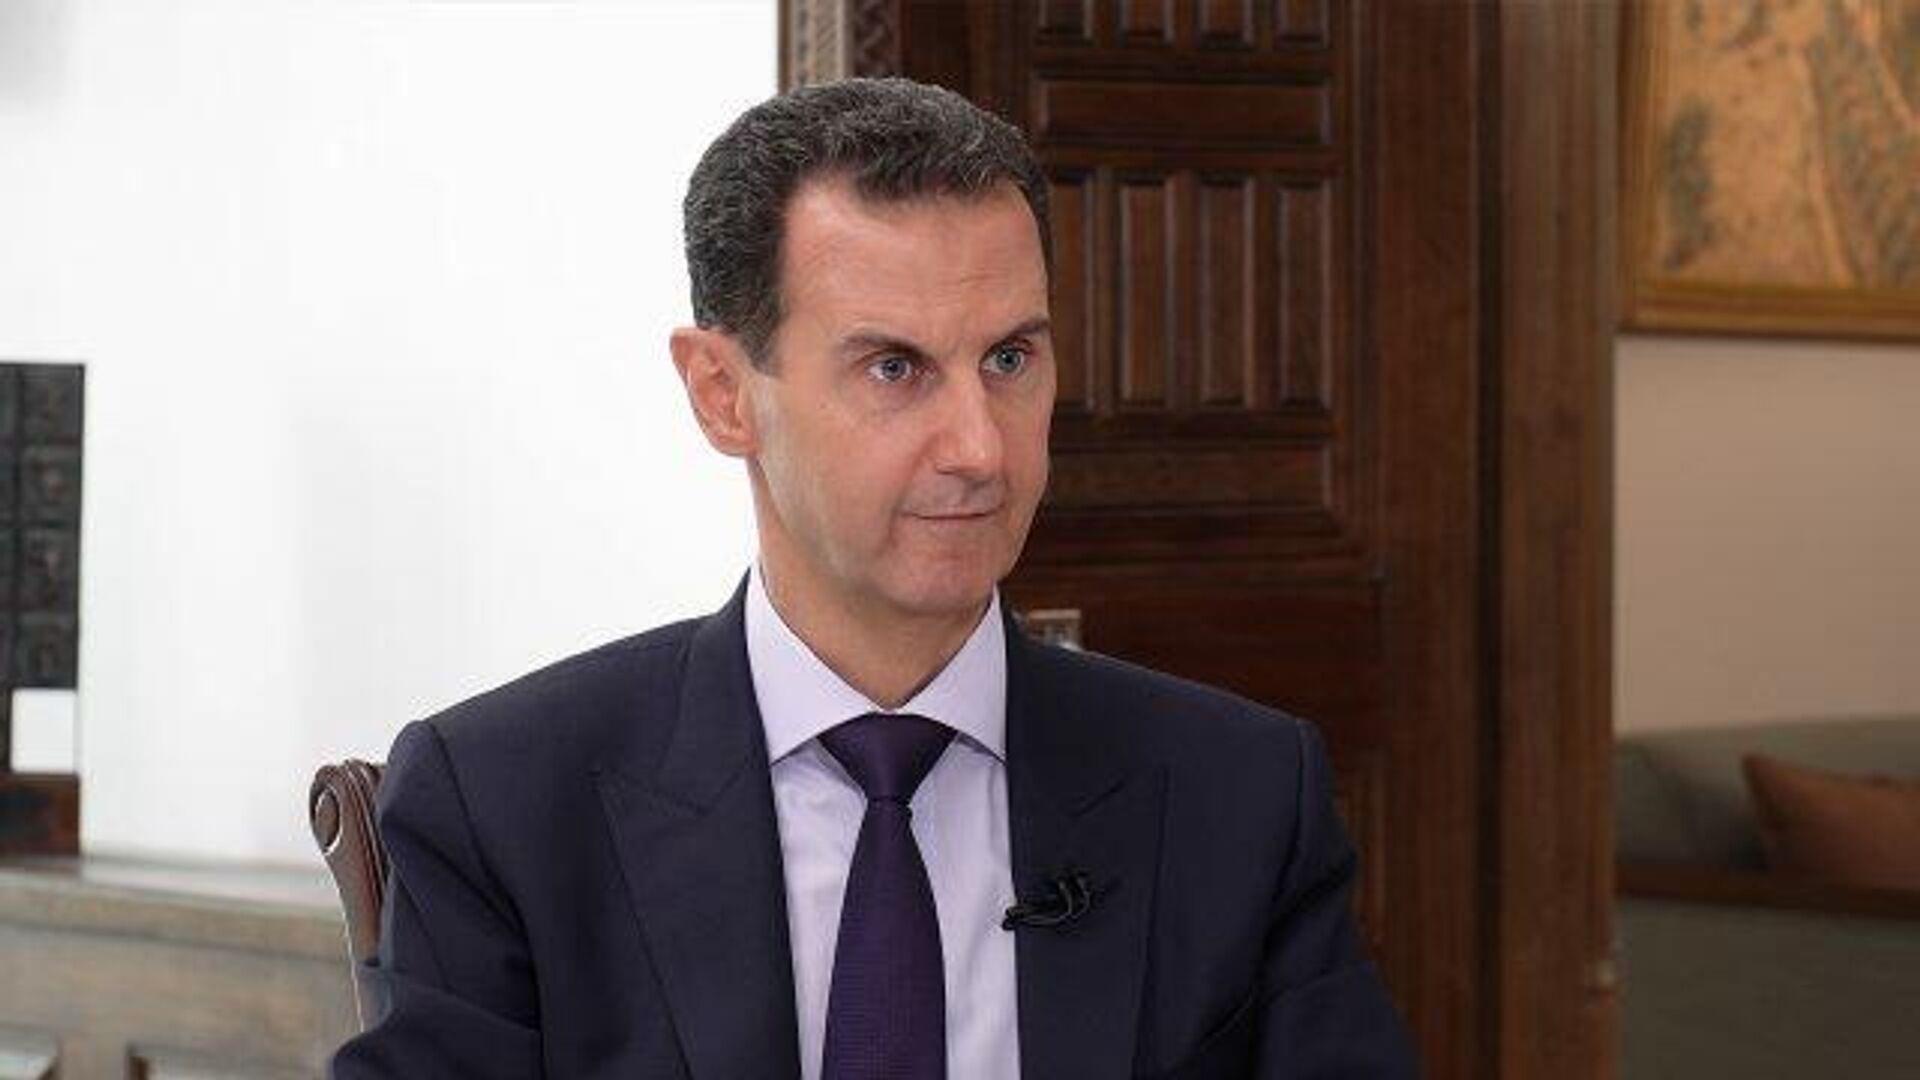 Башар Асад о вакцине от коронавируса: Мы хотели бы обсудить с российскими властями о применении ее в Сирии - РИА Новости, 1920, 07.10.2020